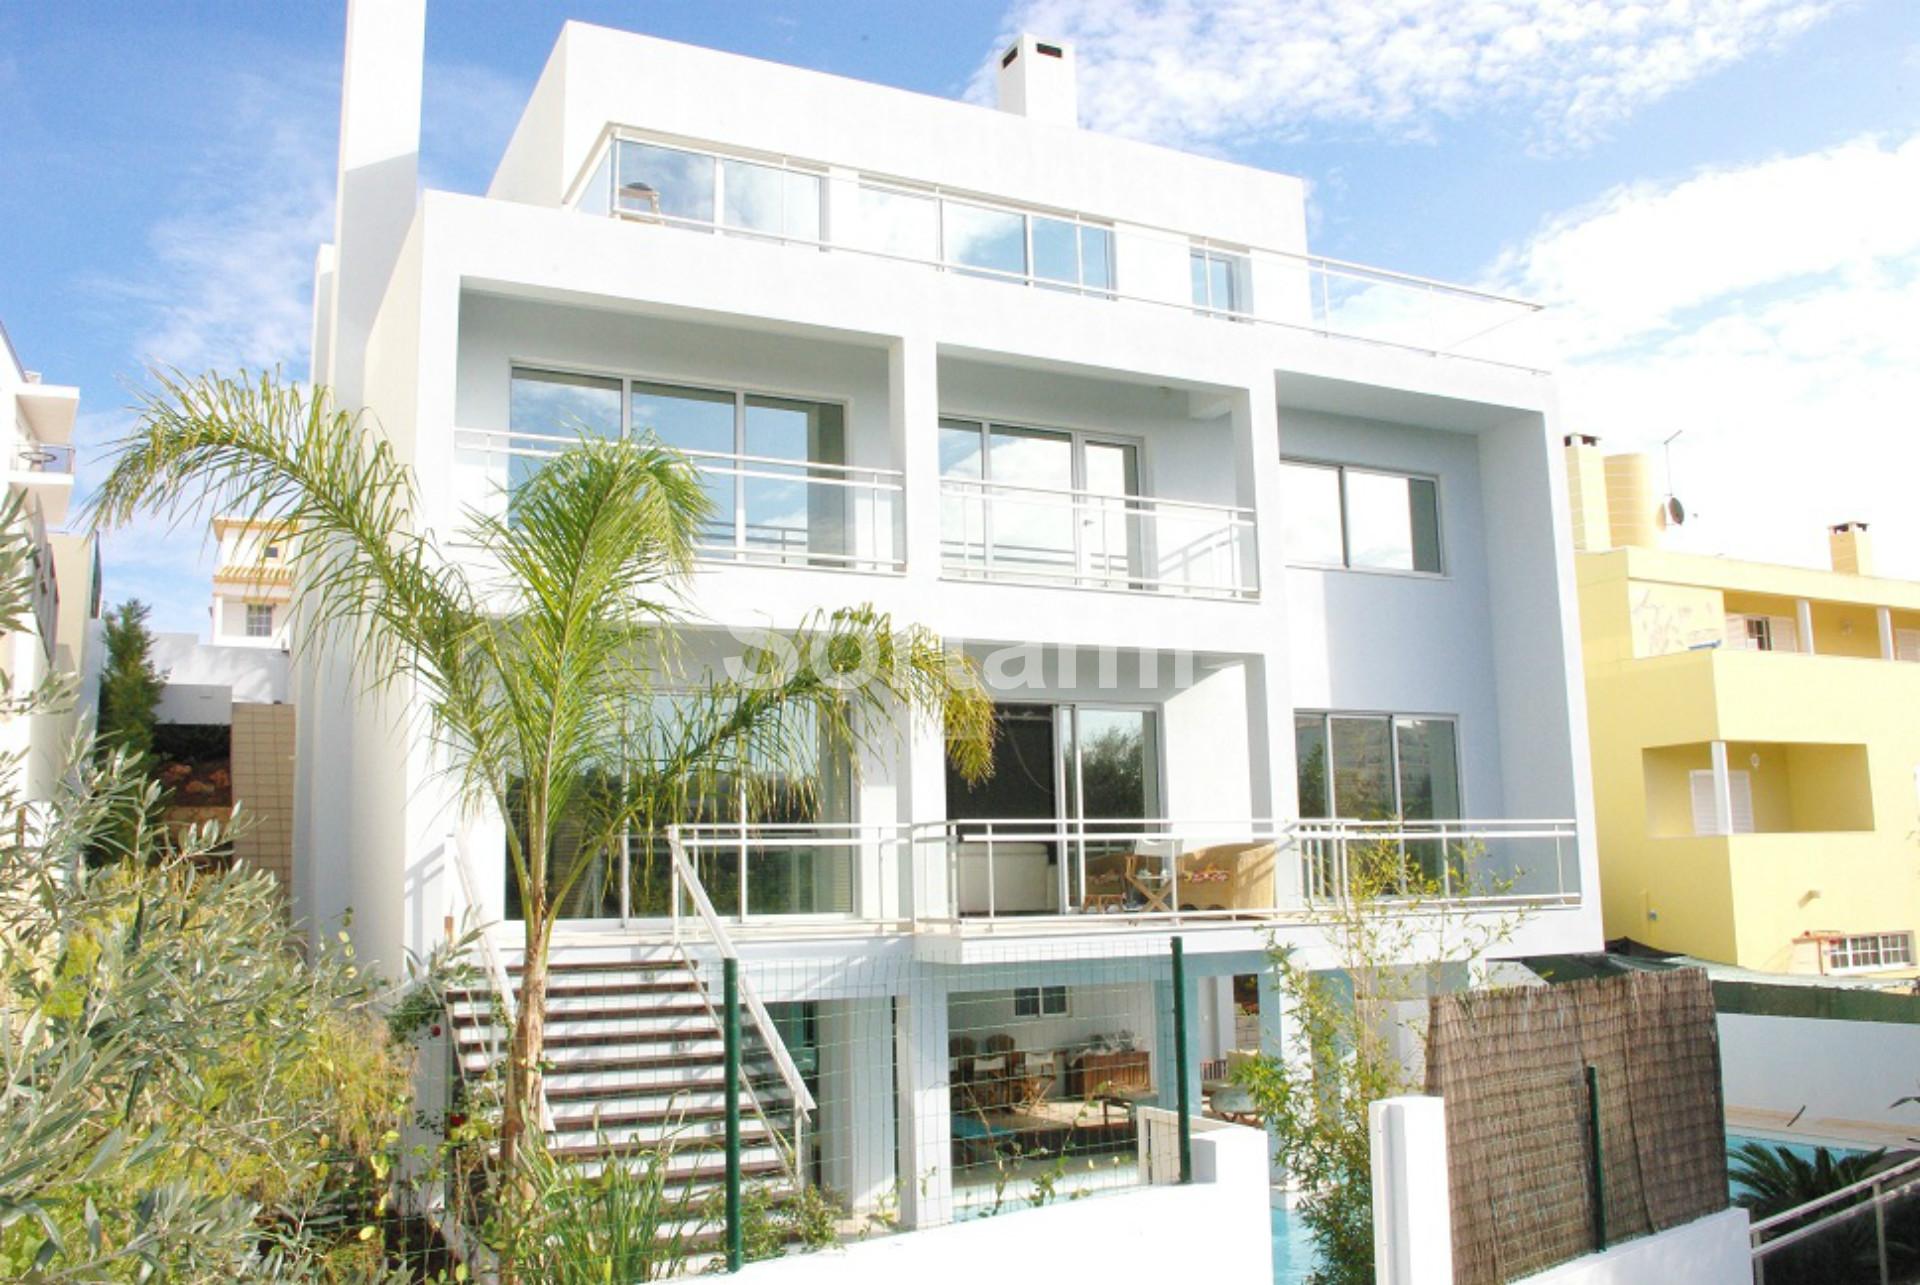 Detached house T5, Algarve, Albufeira